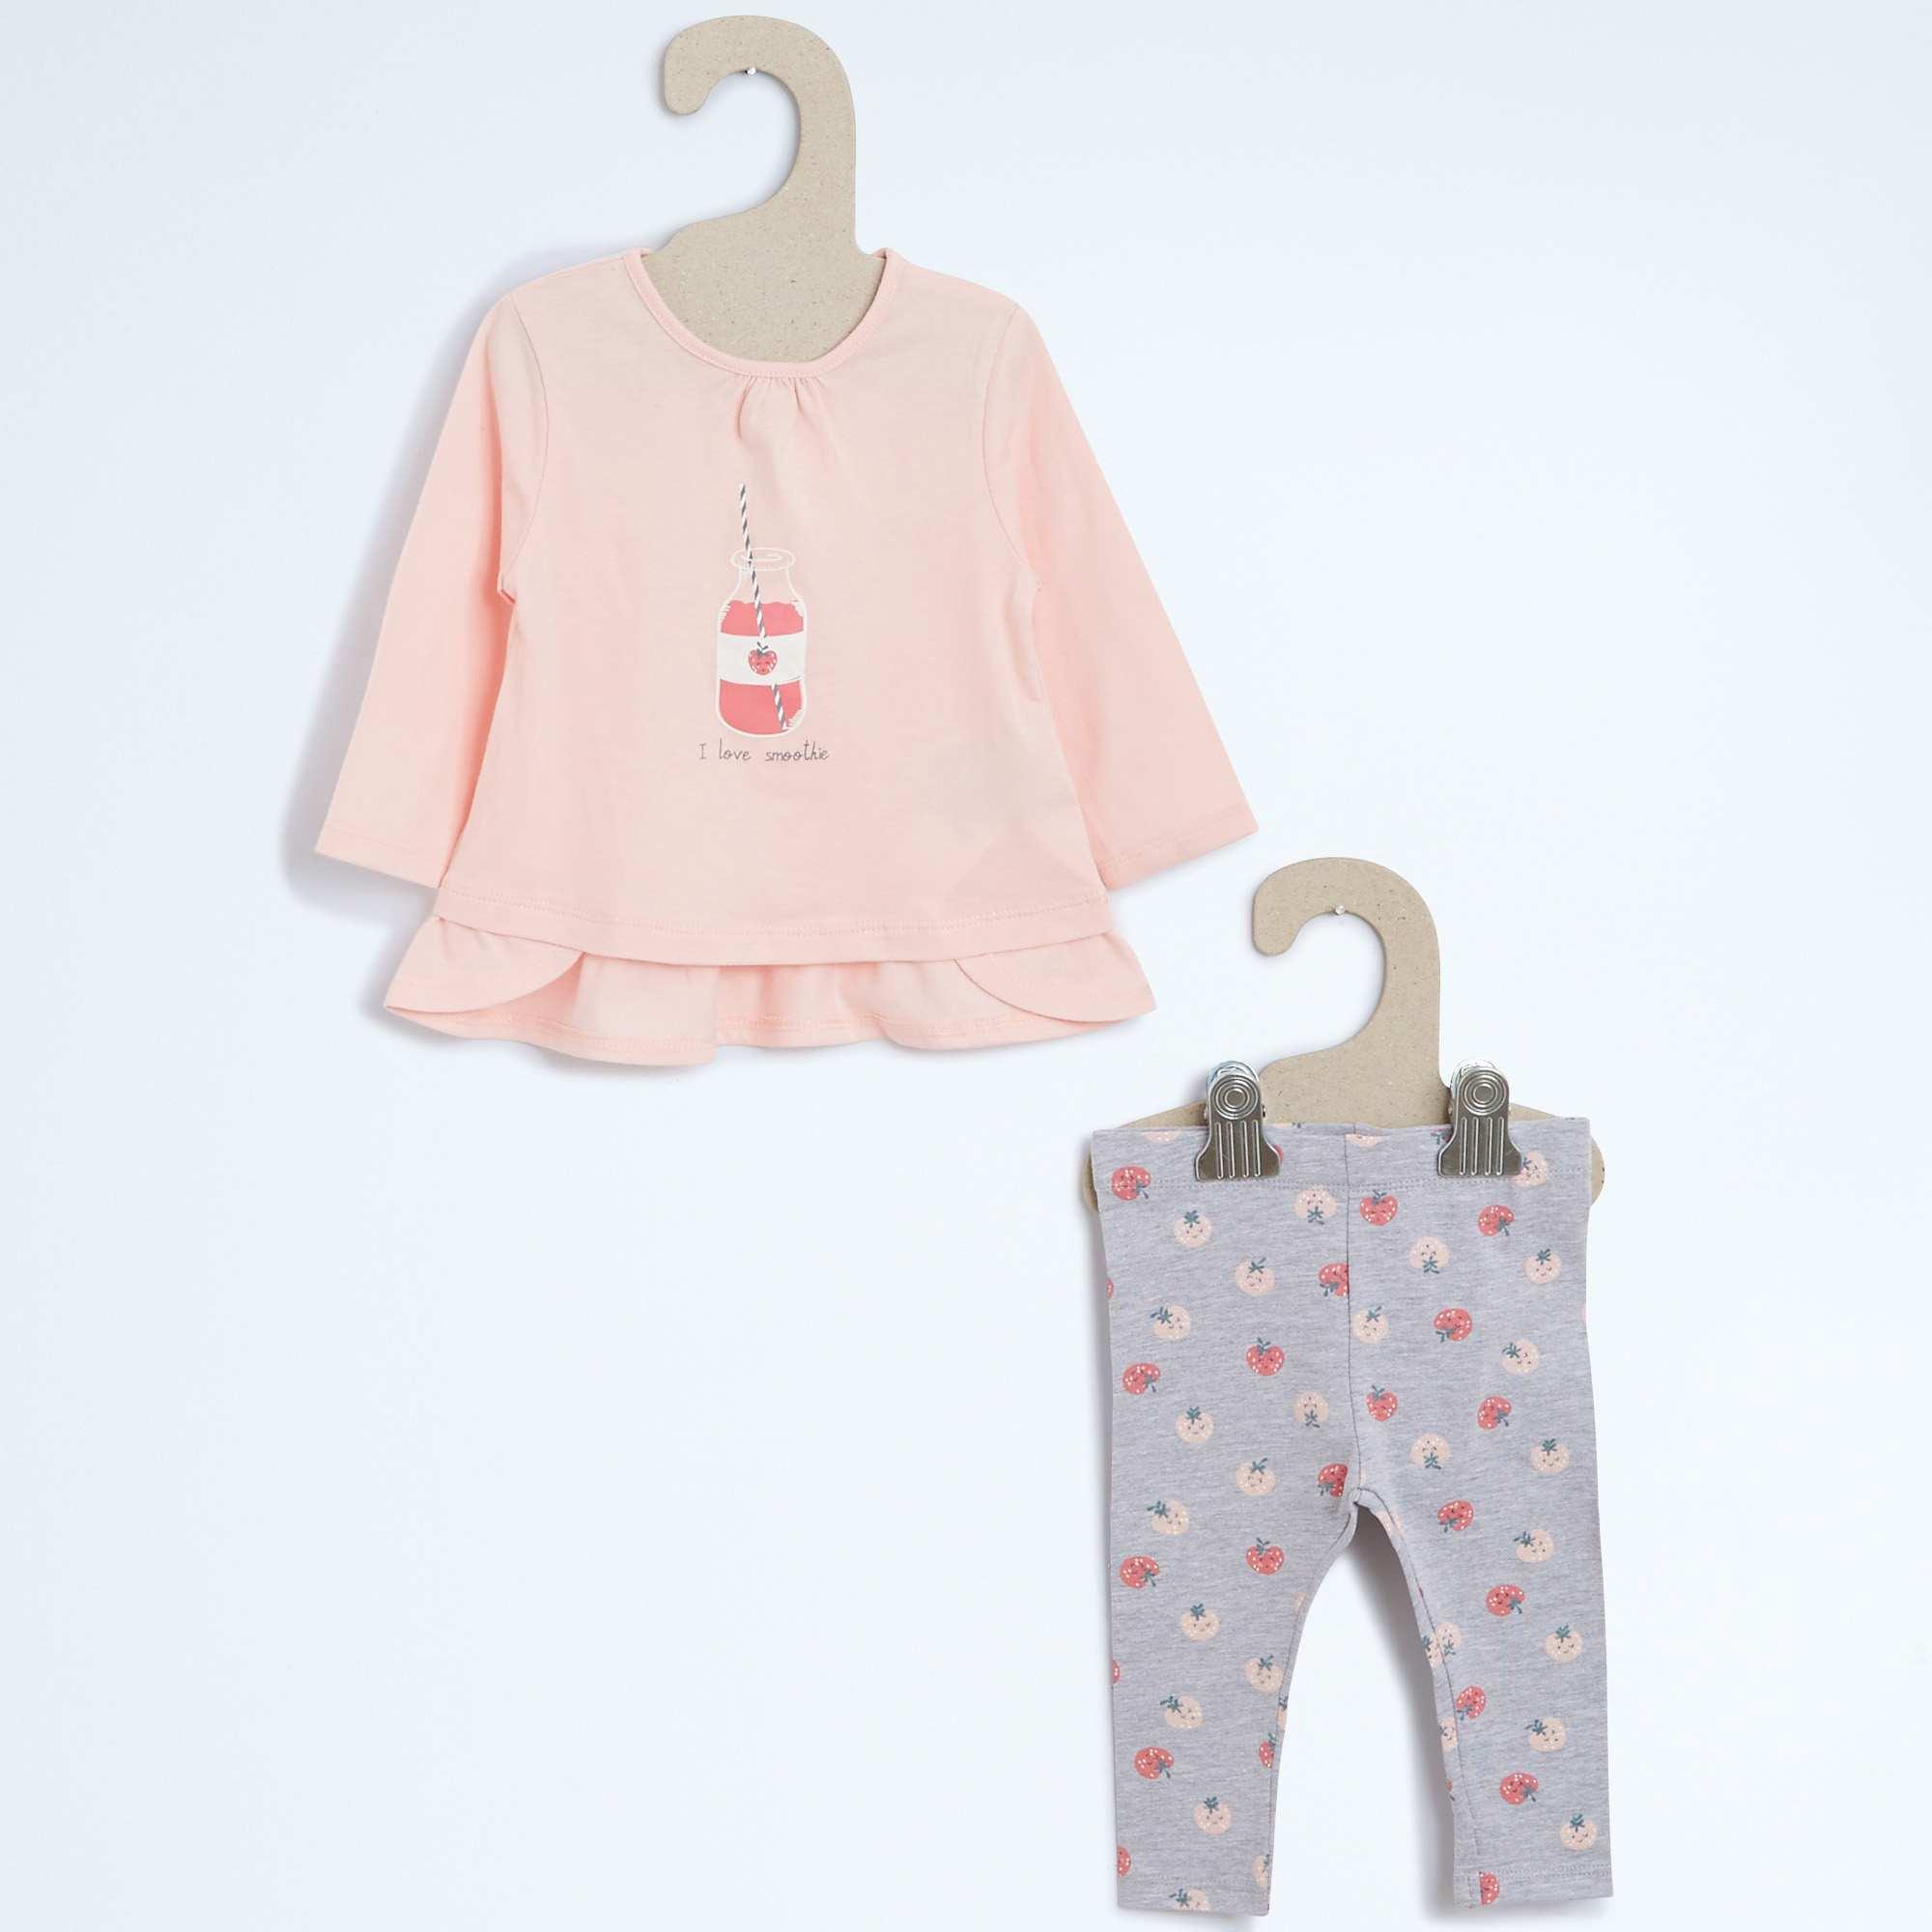 38bdbb89f8caa Nouvelle collection Kiabi bébé et enfant